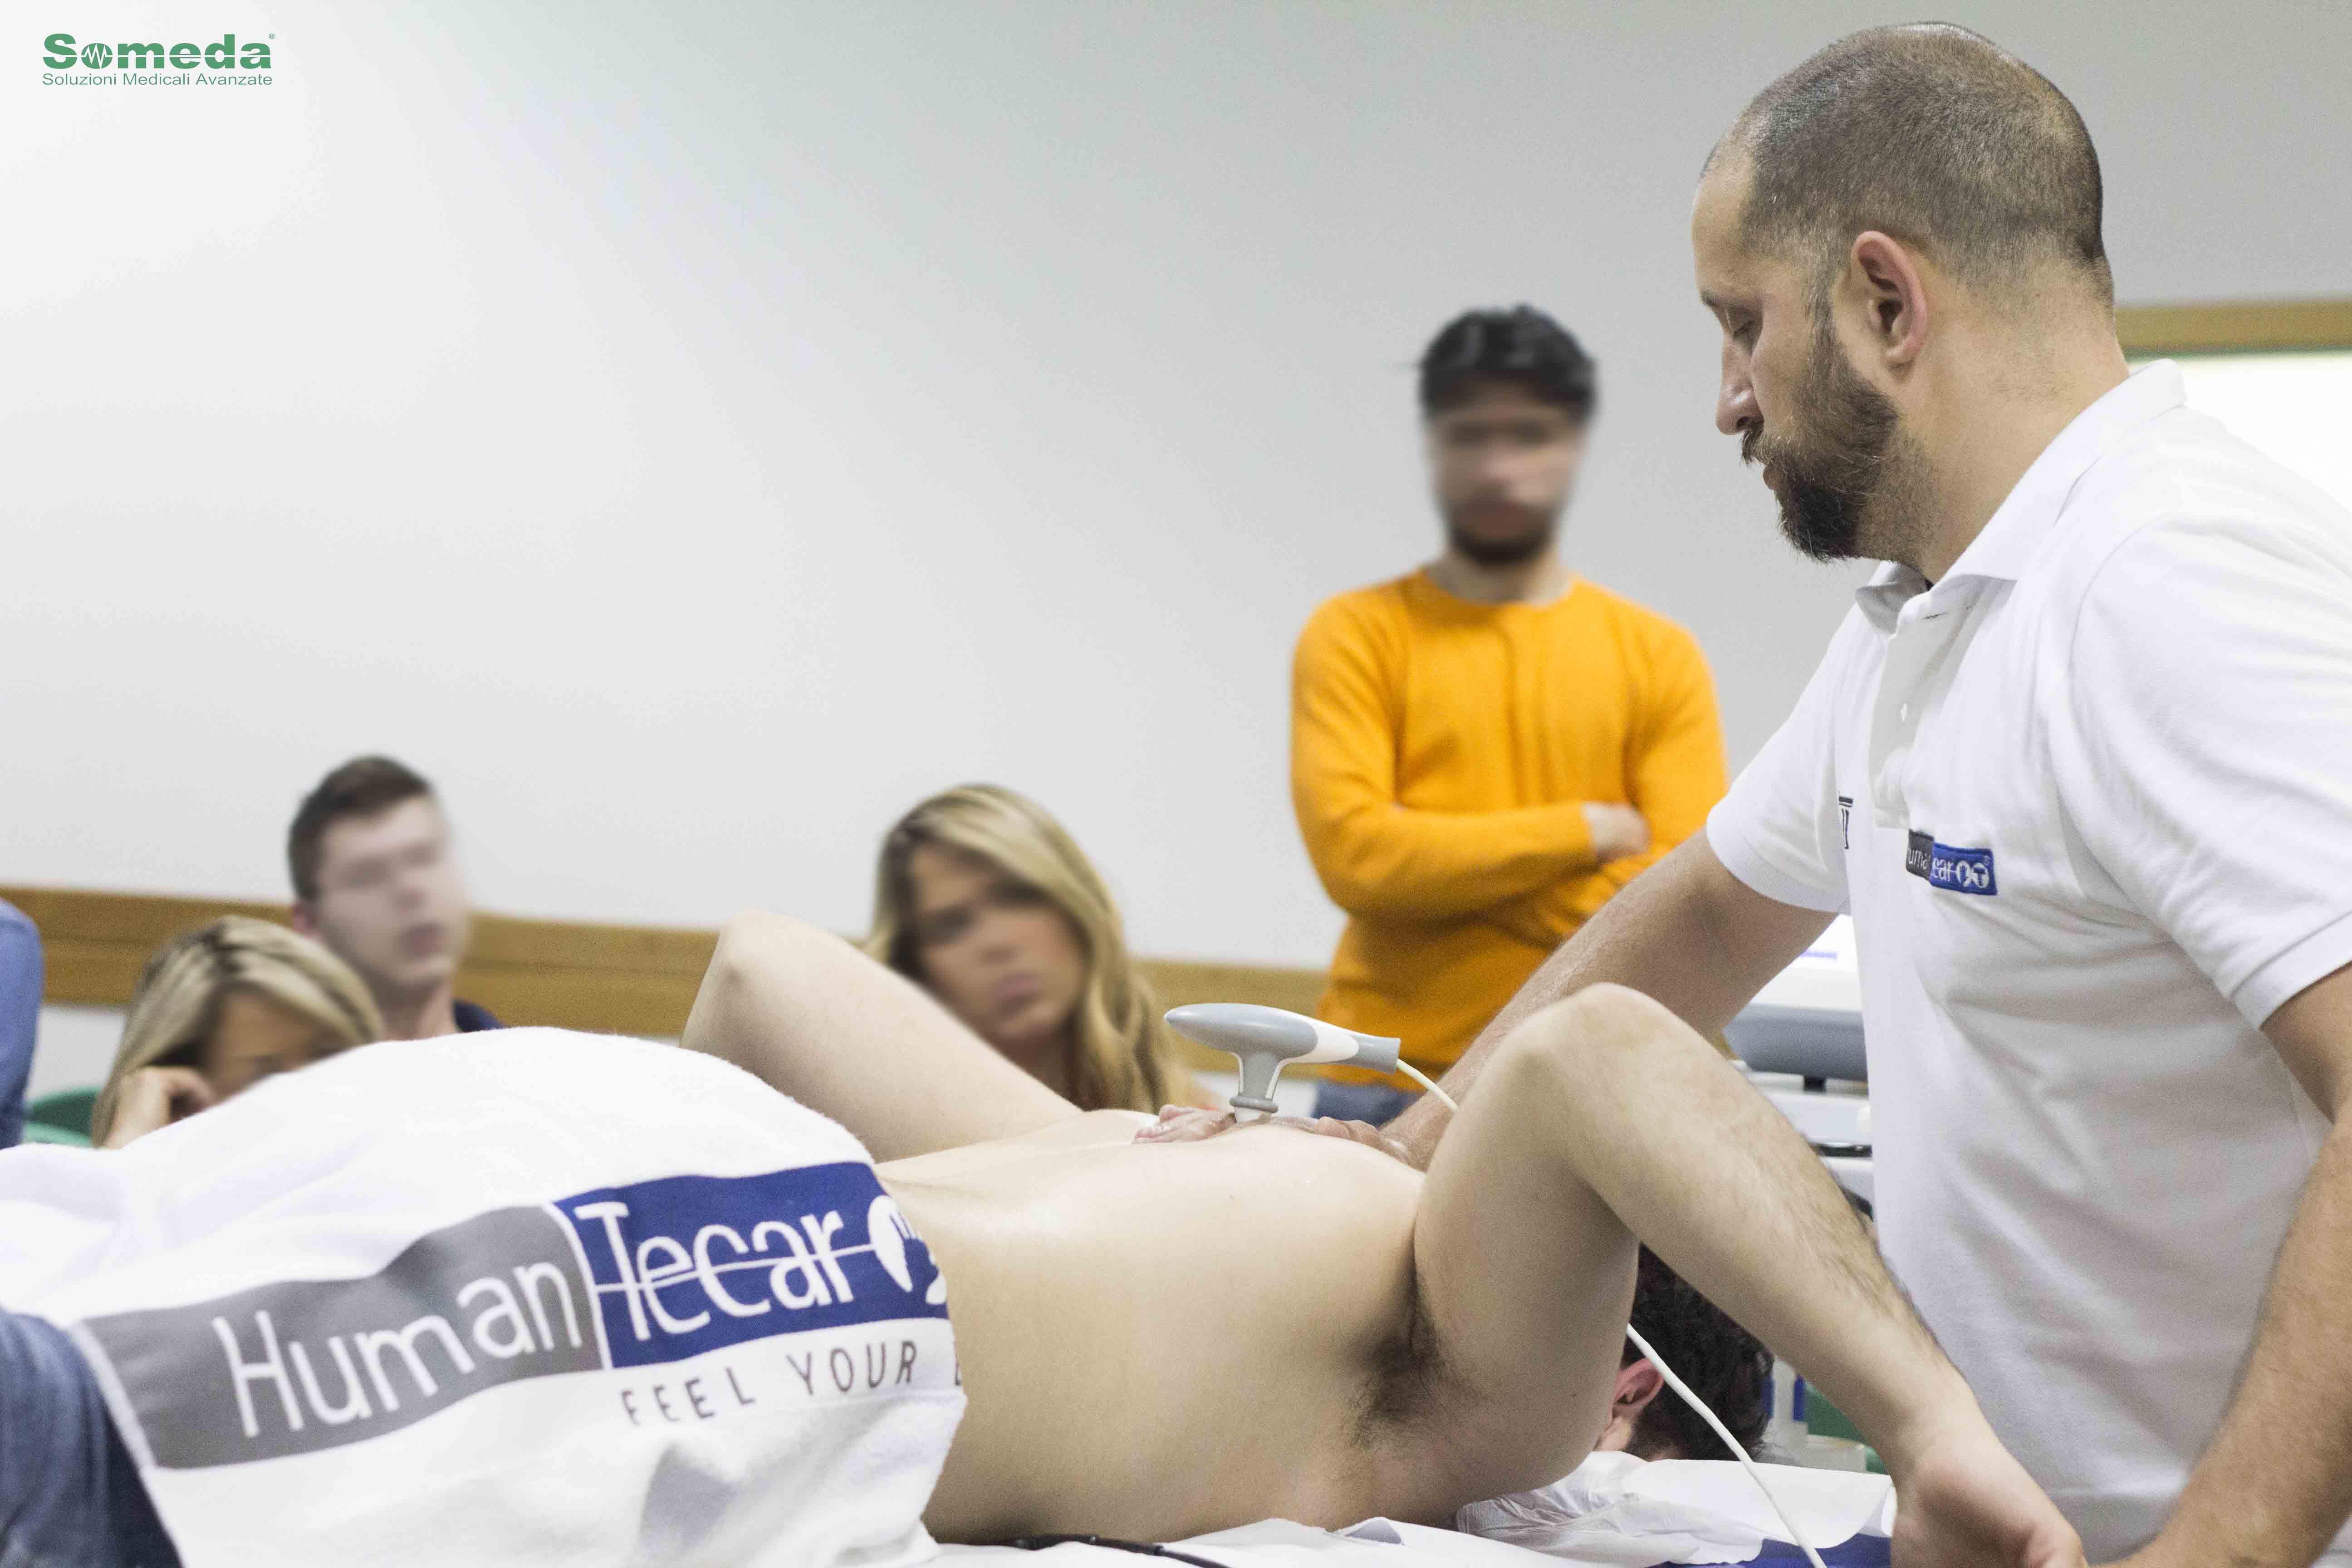 corso formazione tecarterapia 2019 4